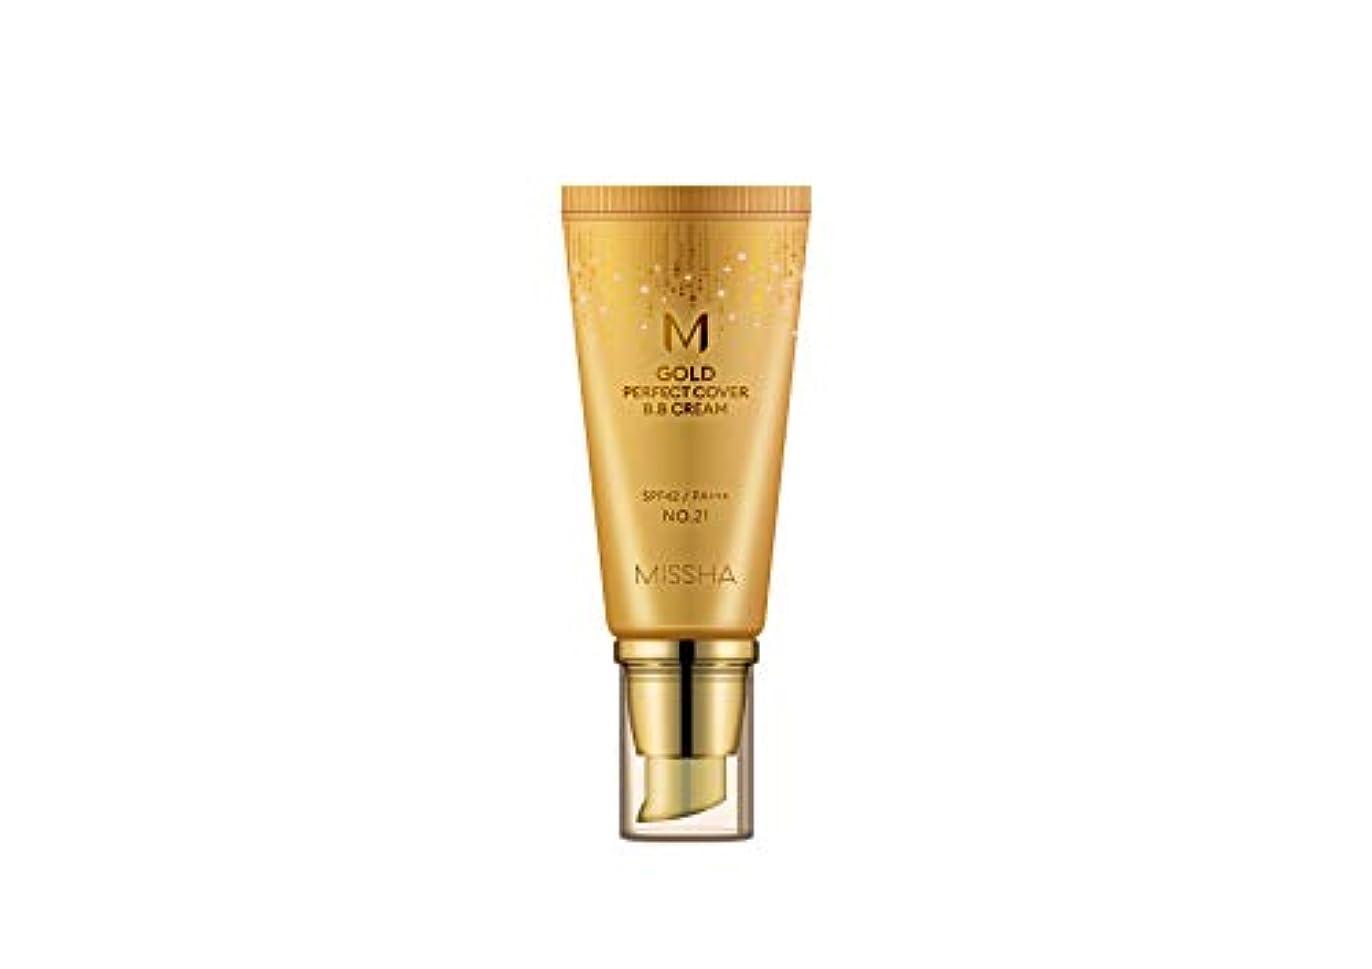 立ち寄る割合送料【ミシャ.missha] MゴールドパーフェクトカバーBBクリーム(#21,50ML)ナチュラルベージュ)SPF42/ PA+++/ M GOLD PERFECT COVER BB CREAM